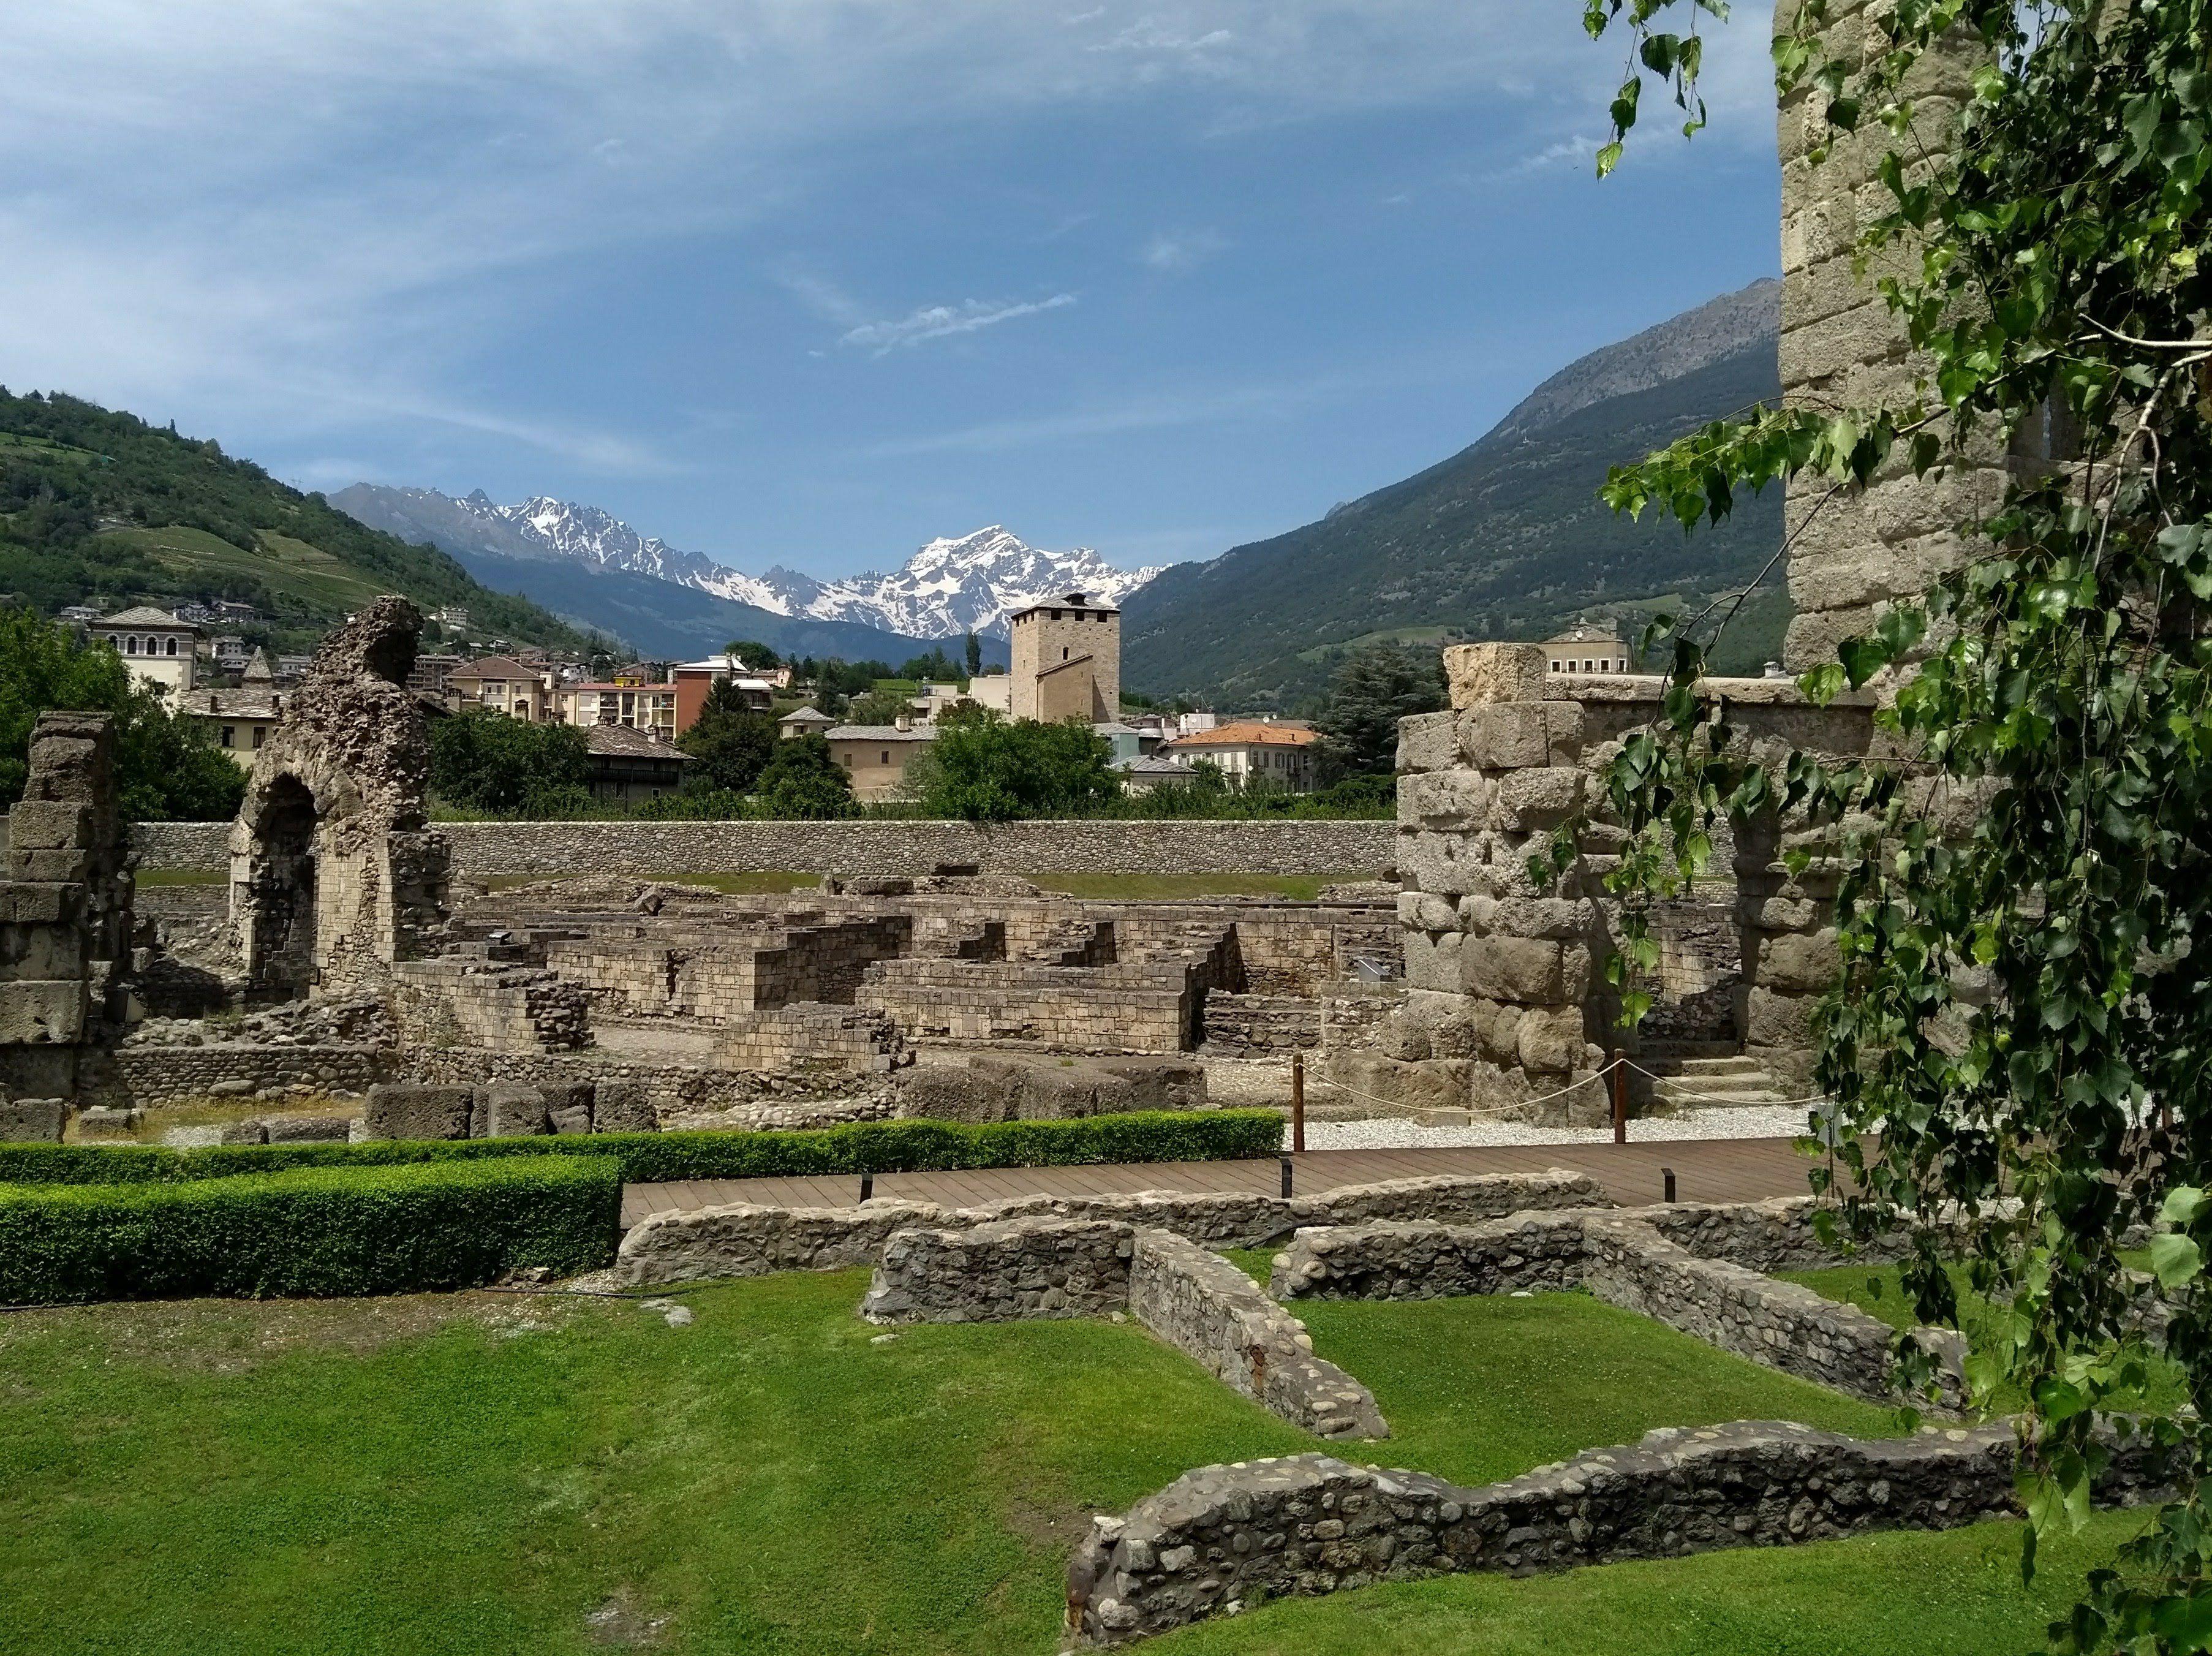 aosta-tal römische architektur privat tour